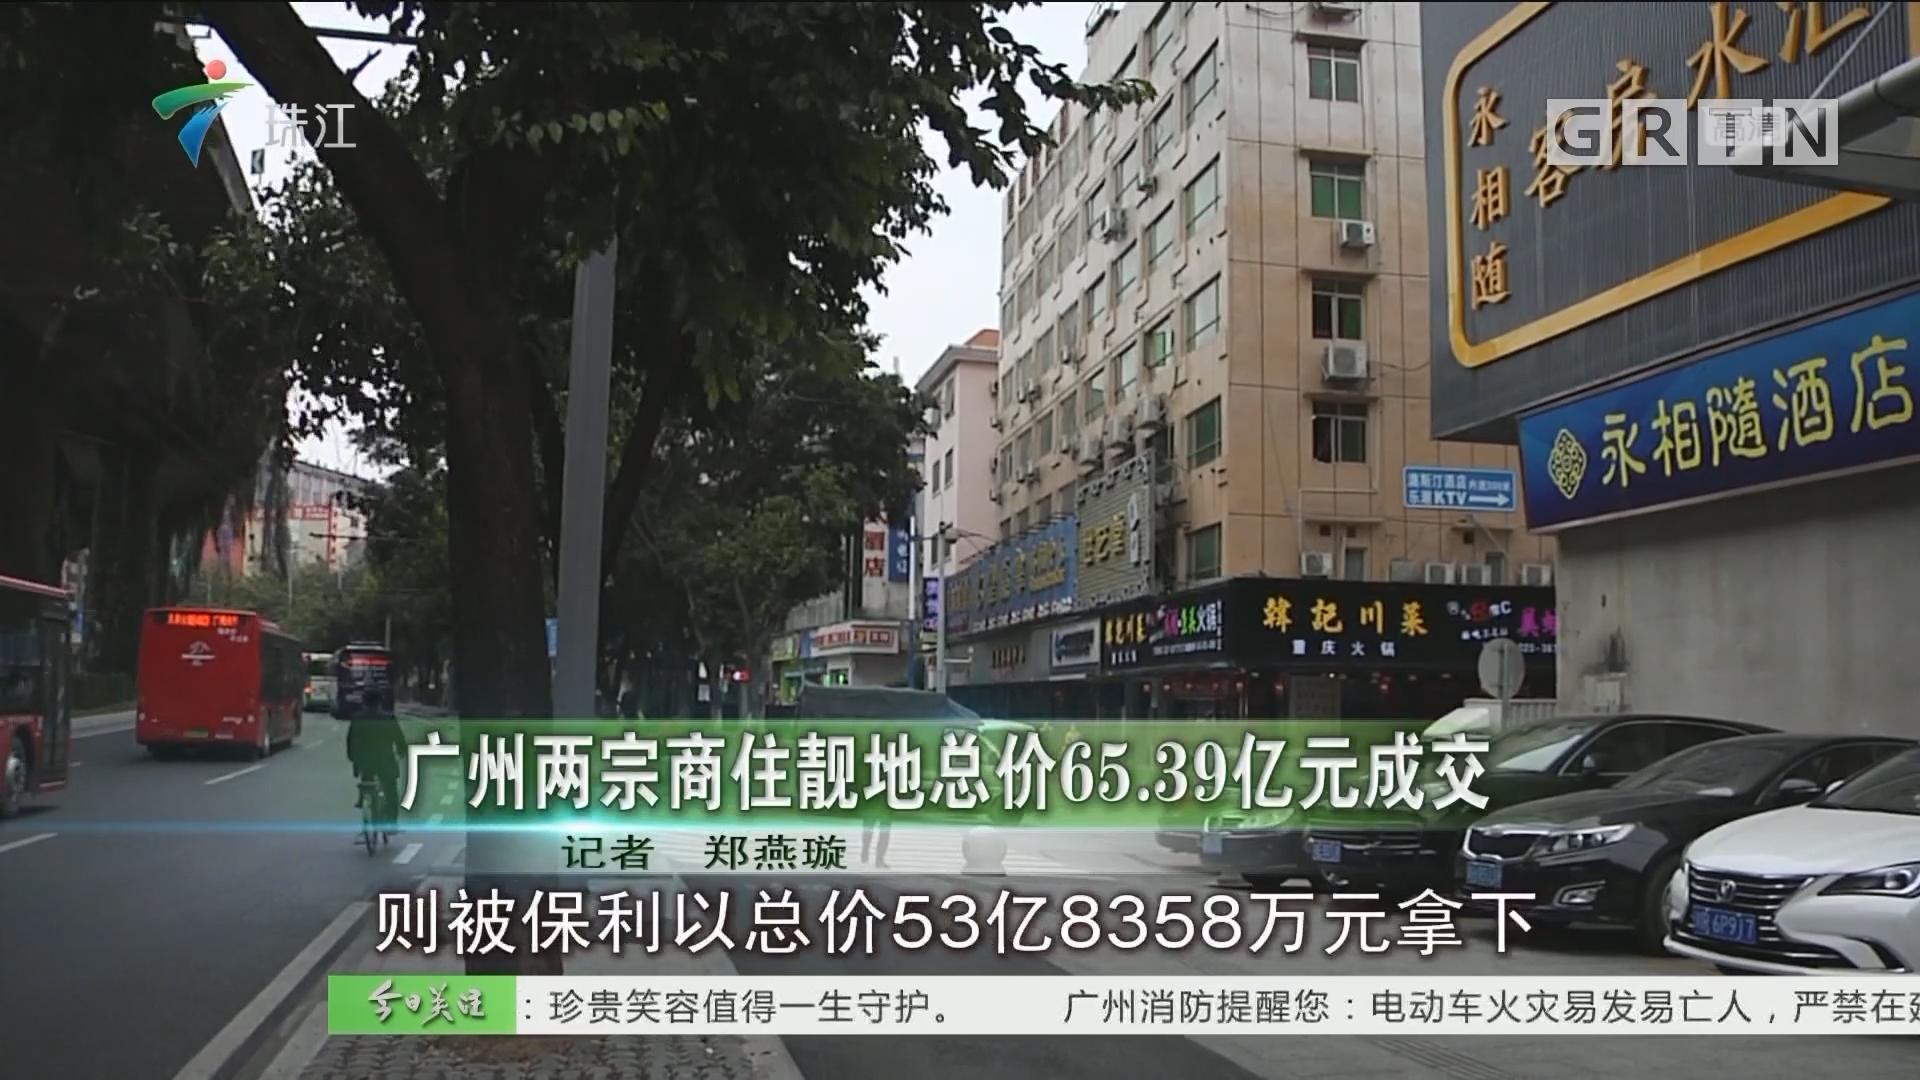 广州两宗商住靓地总价65.39亿元成交